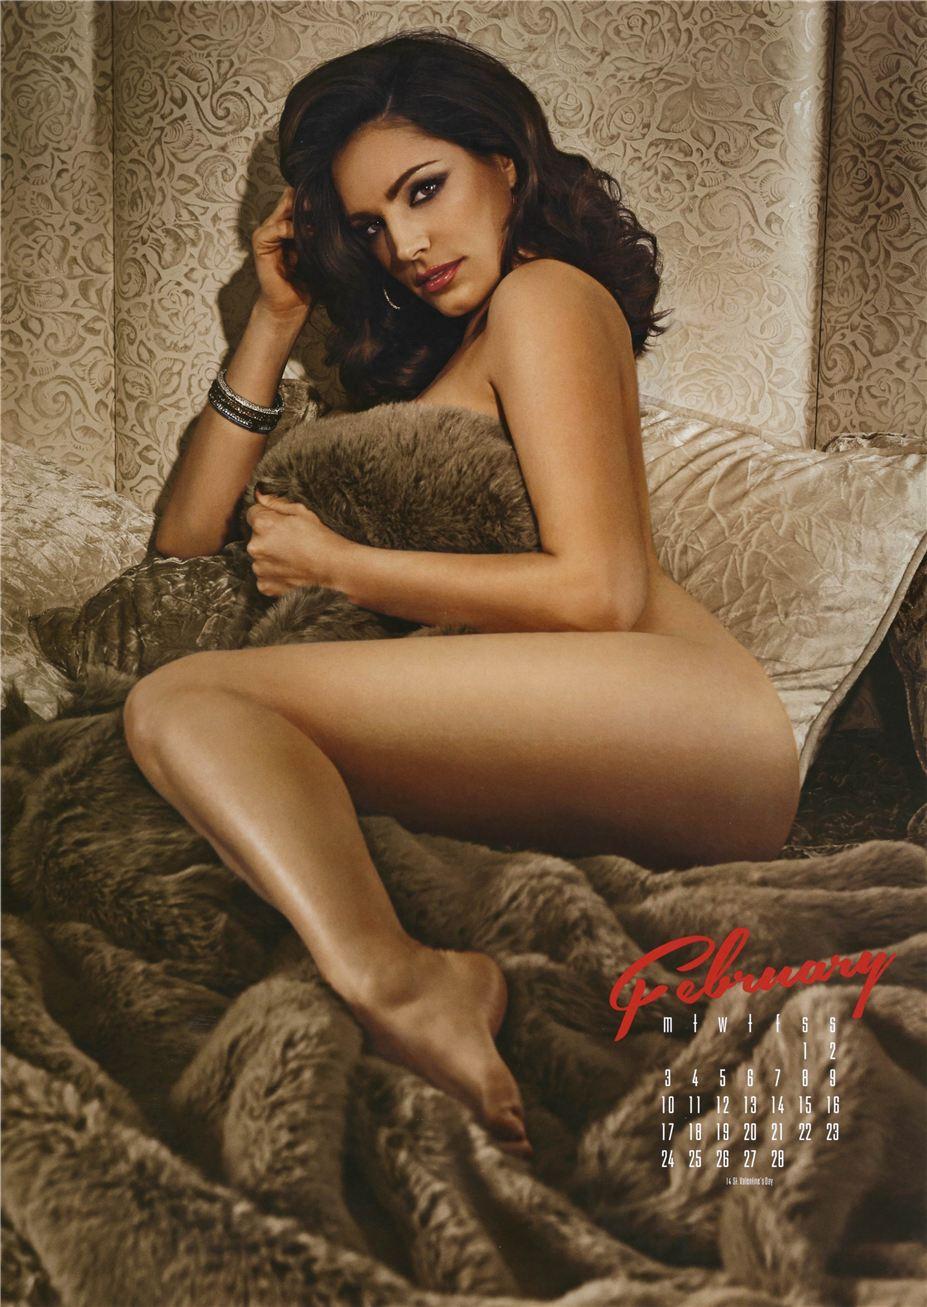 февраль - Календарь сексуальной красотки, актрисы и модели Келли Брук / Kelly Brook - official calendar 2014